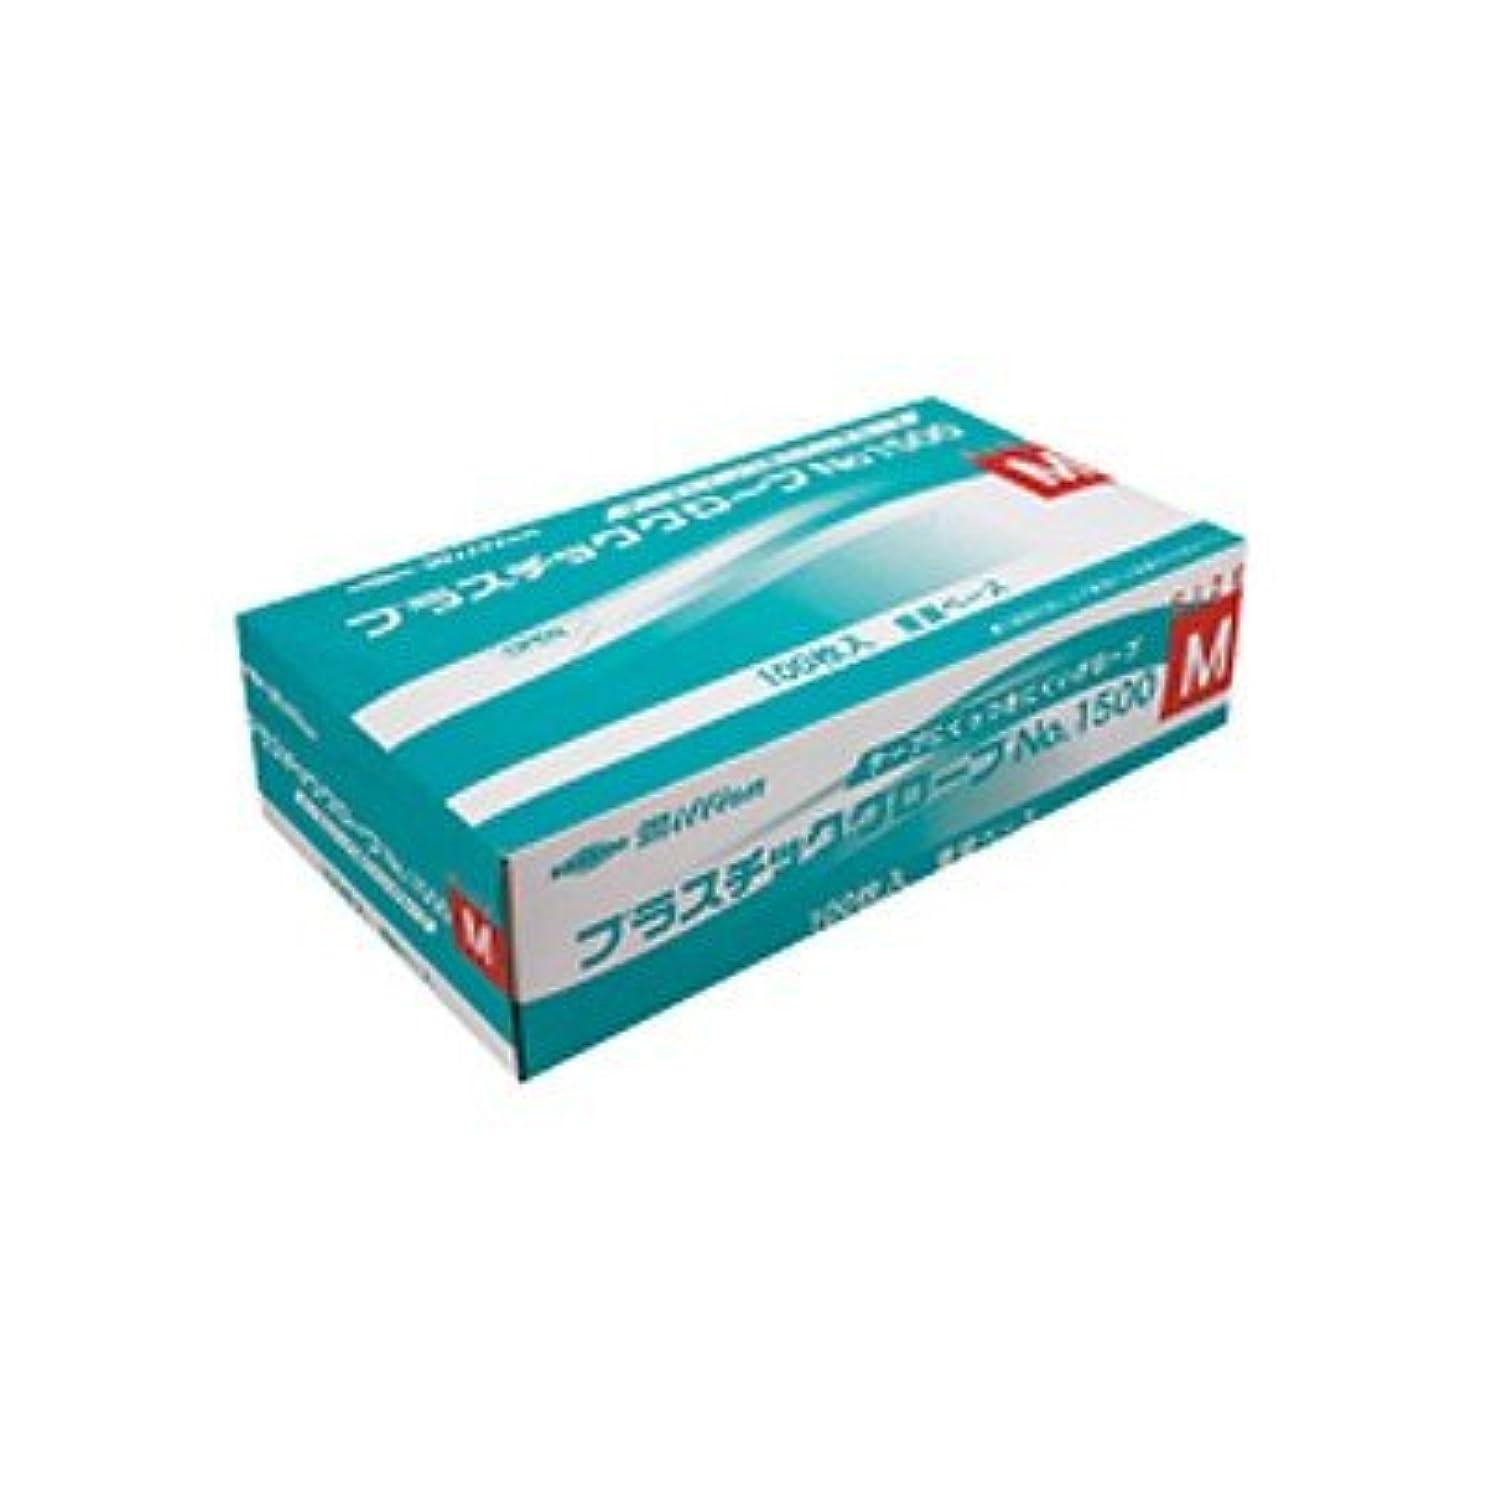 宿スペアマーチャンダイジングミリオン プラスチック手袋 粉付No.1500 M 品番:LH-1500-M 注文番号:62741576 メーカー:共和